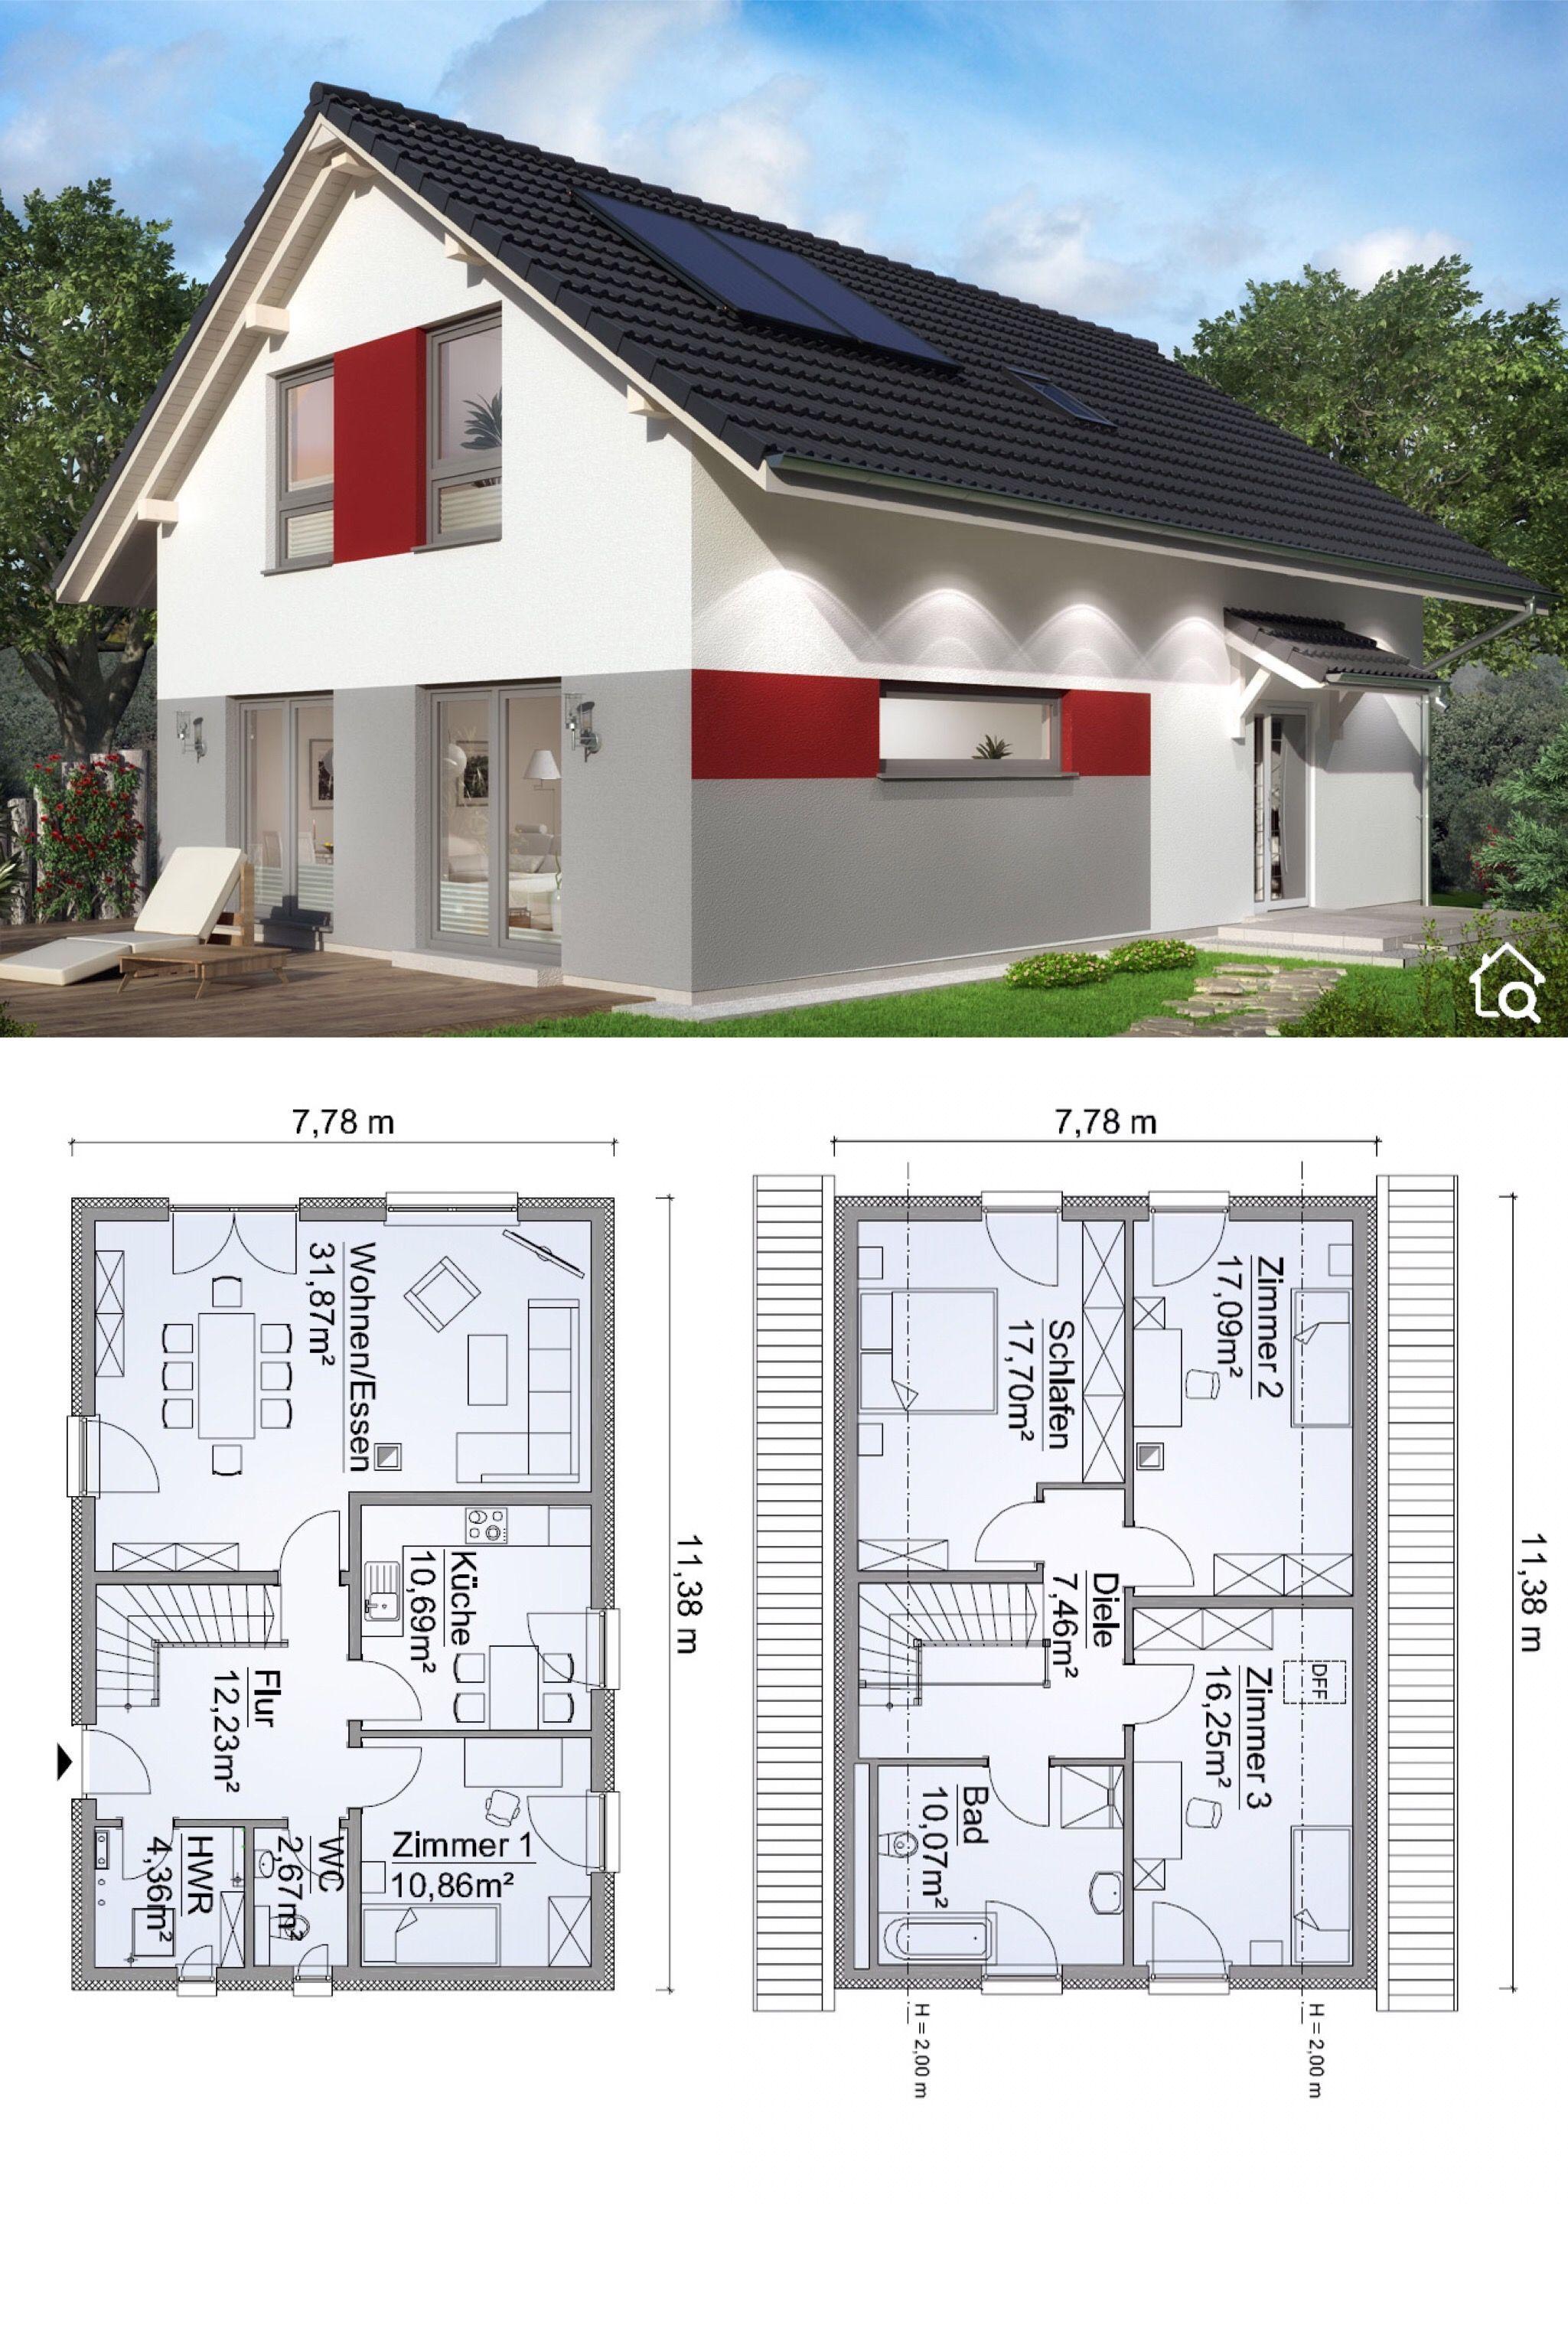 Fertighaus Stadtvilla modern mit Walmdach Architektur, 5